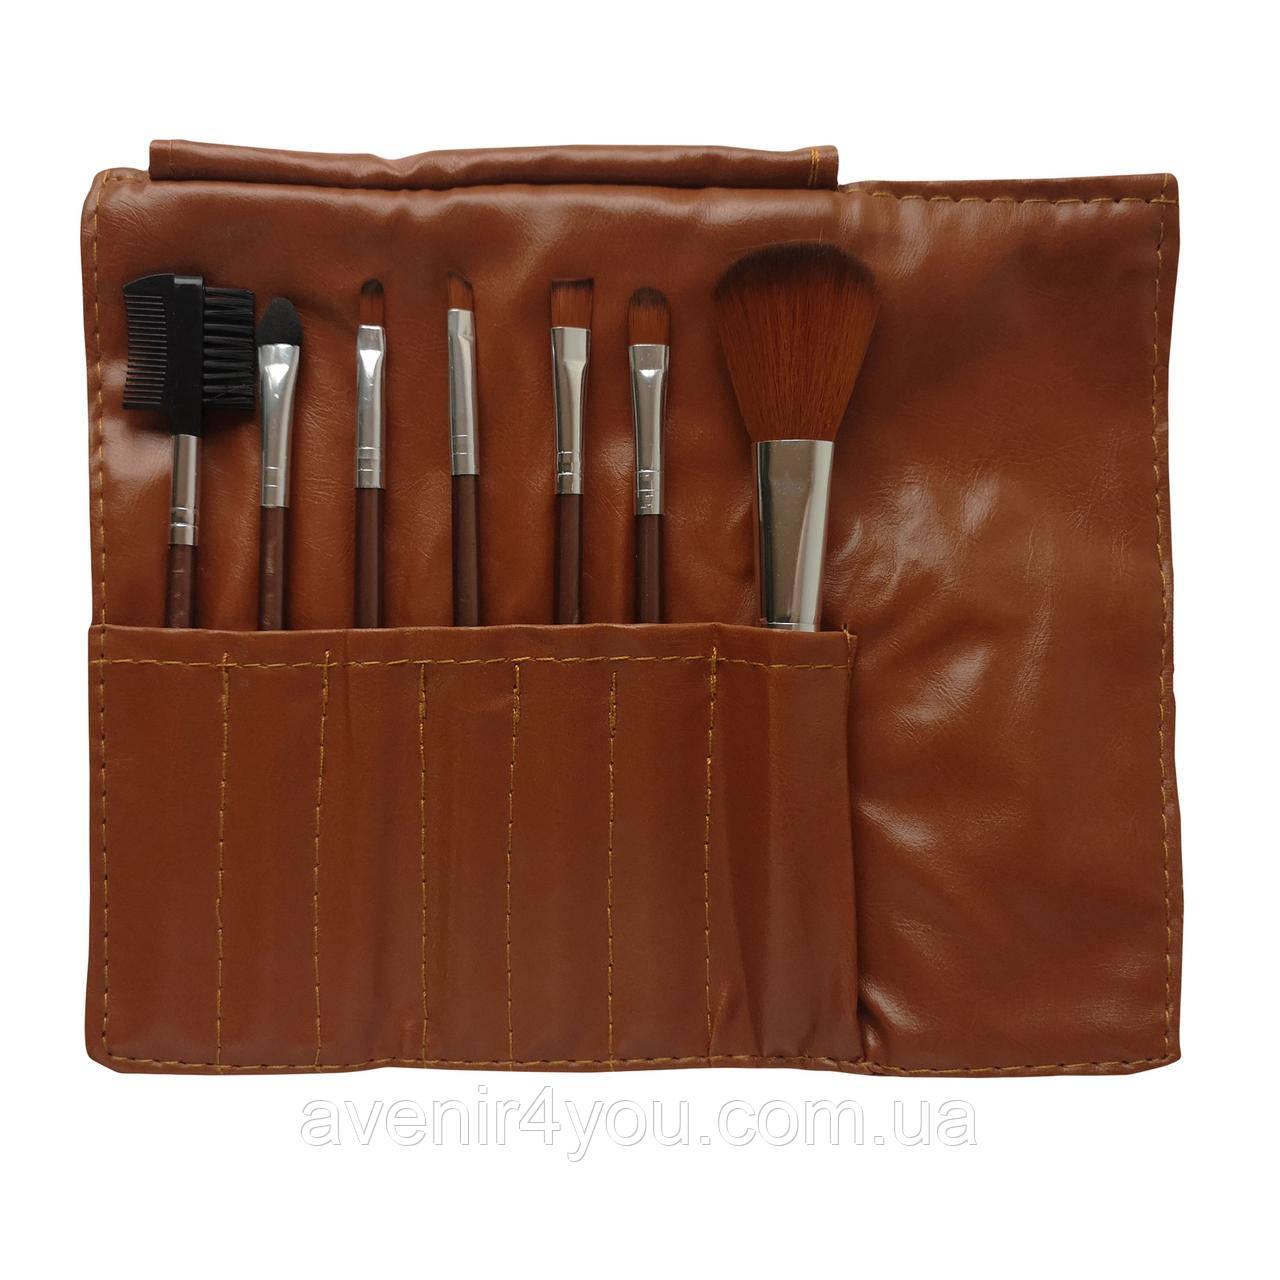 Набор кистей для макияжа 7 шт в чехле Бронзовый